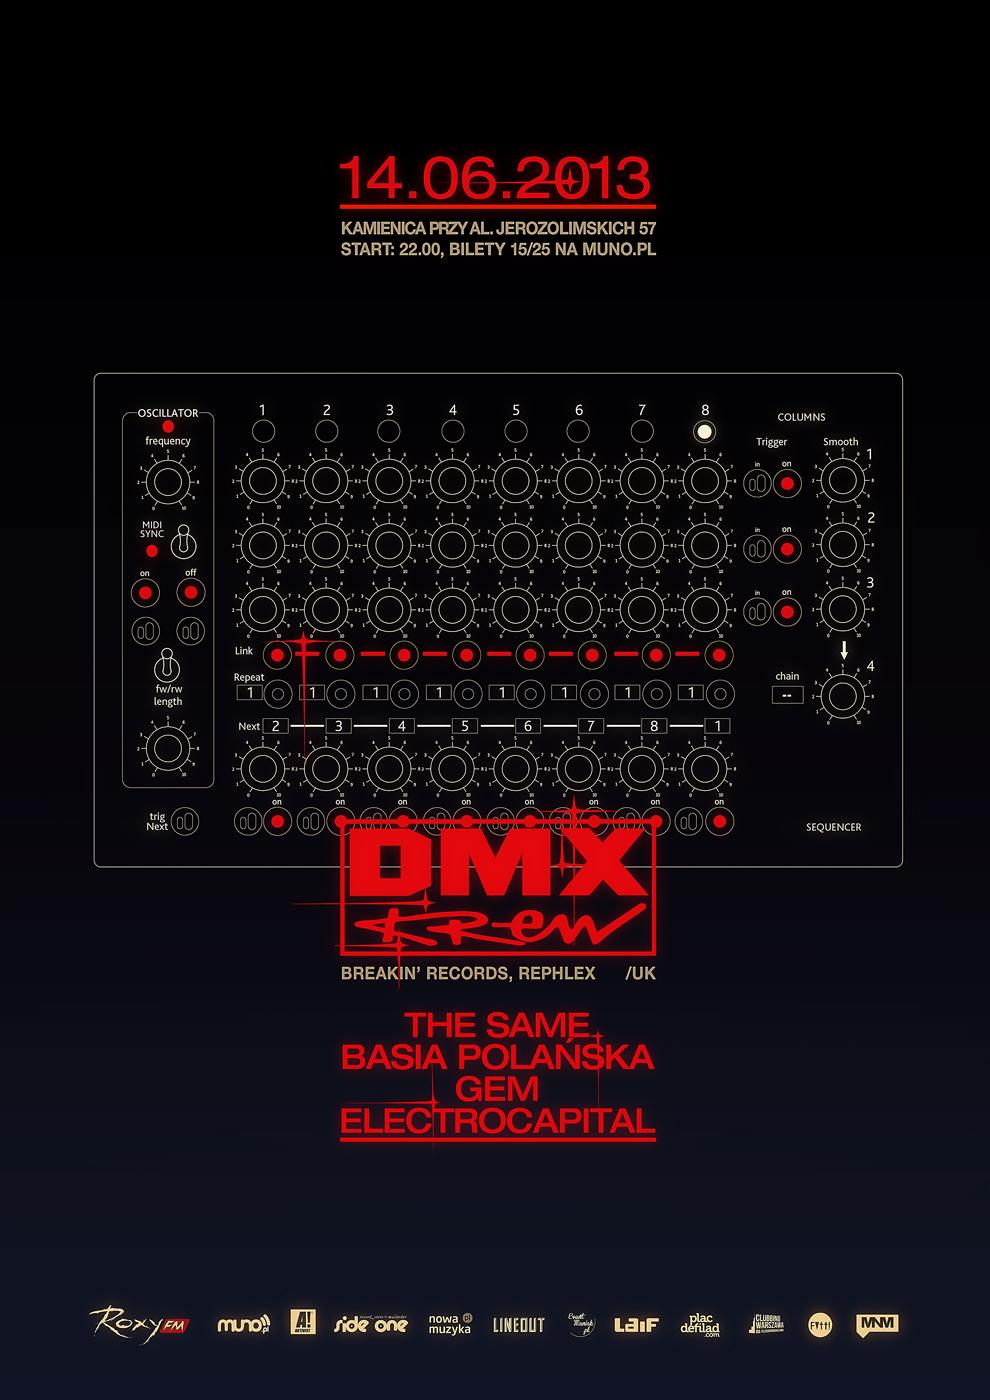 dmx_krew_plakat